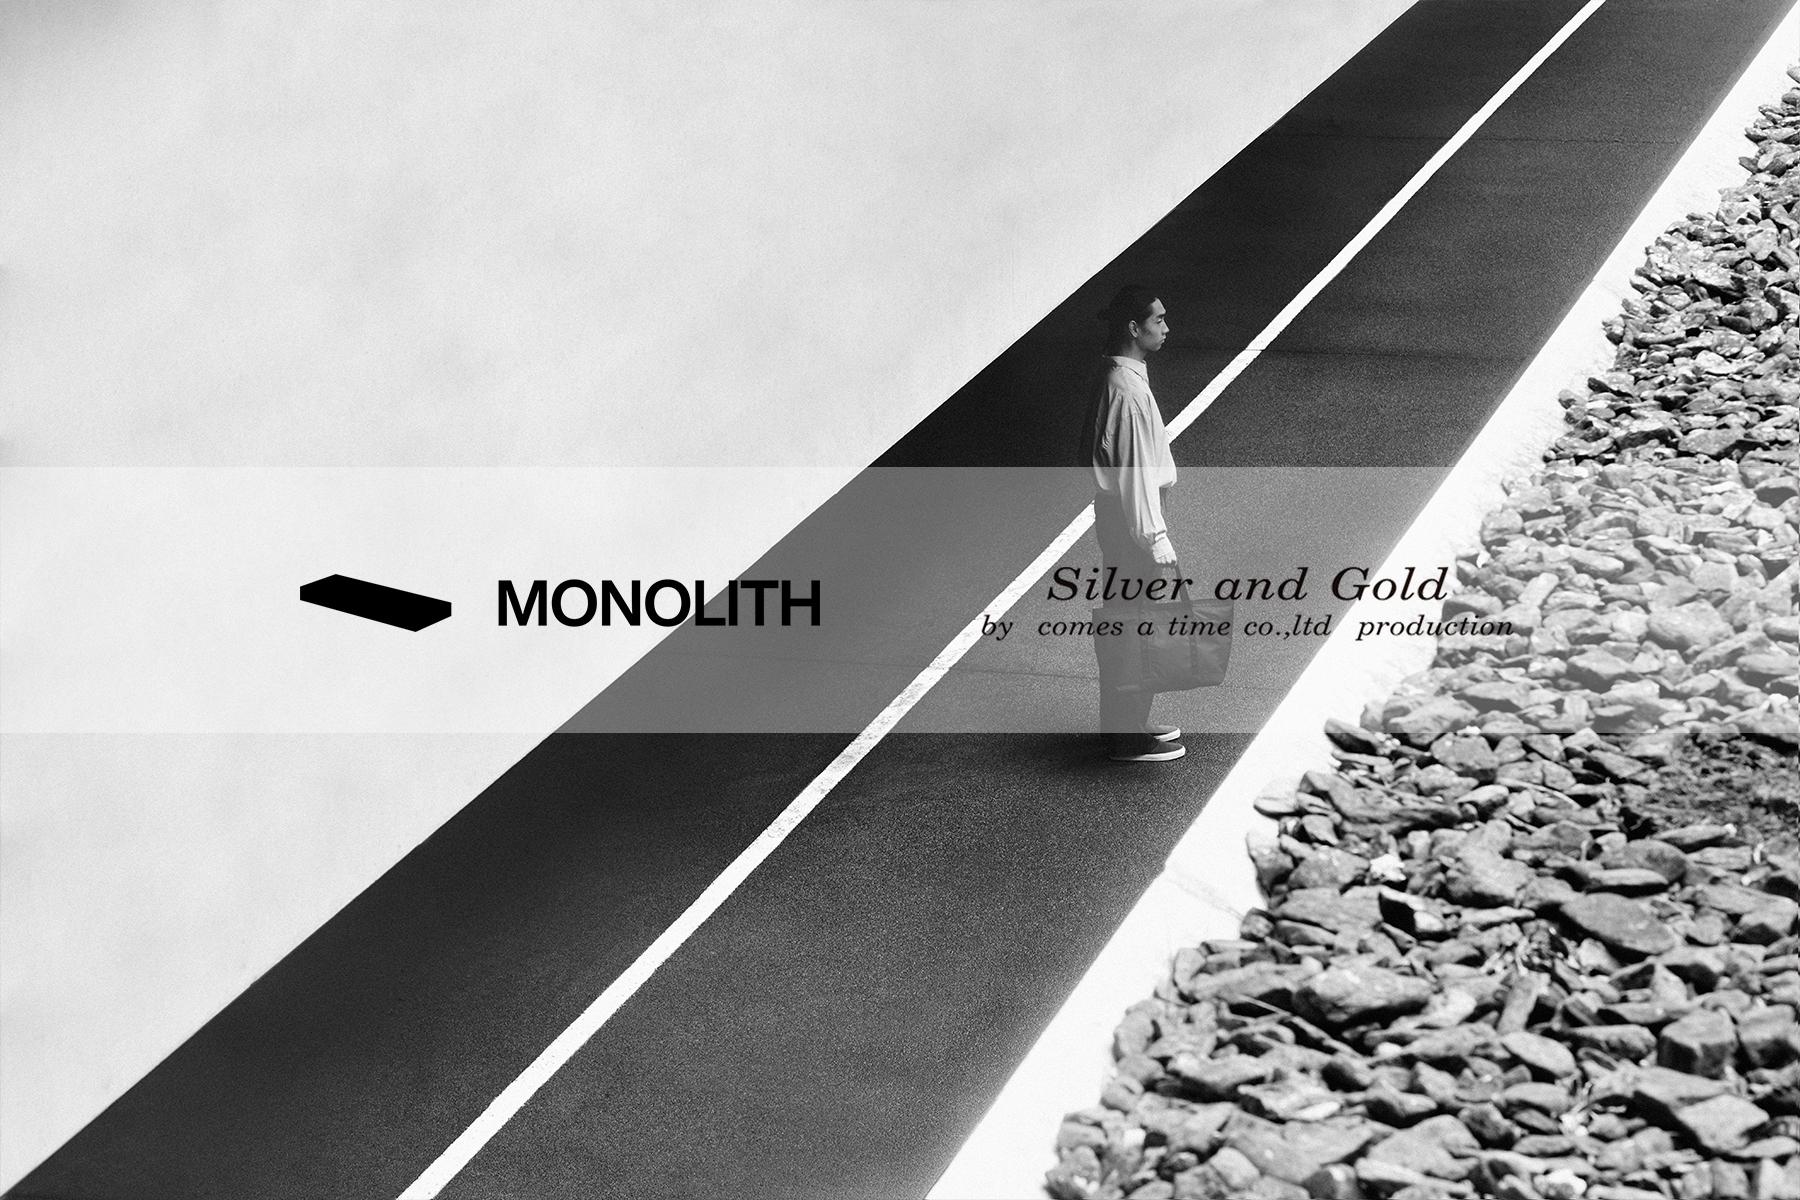 MONOLIOTH モノリス ALL ITEM 販売会